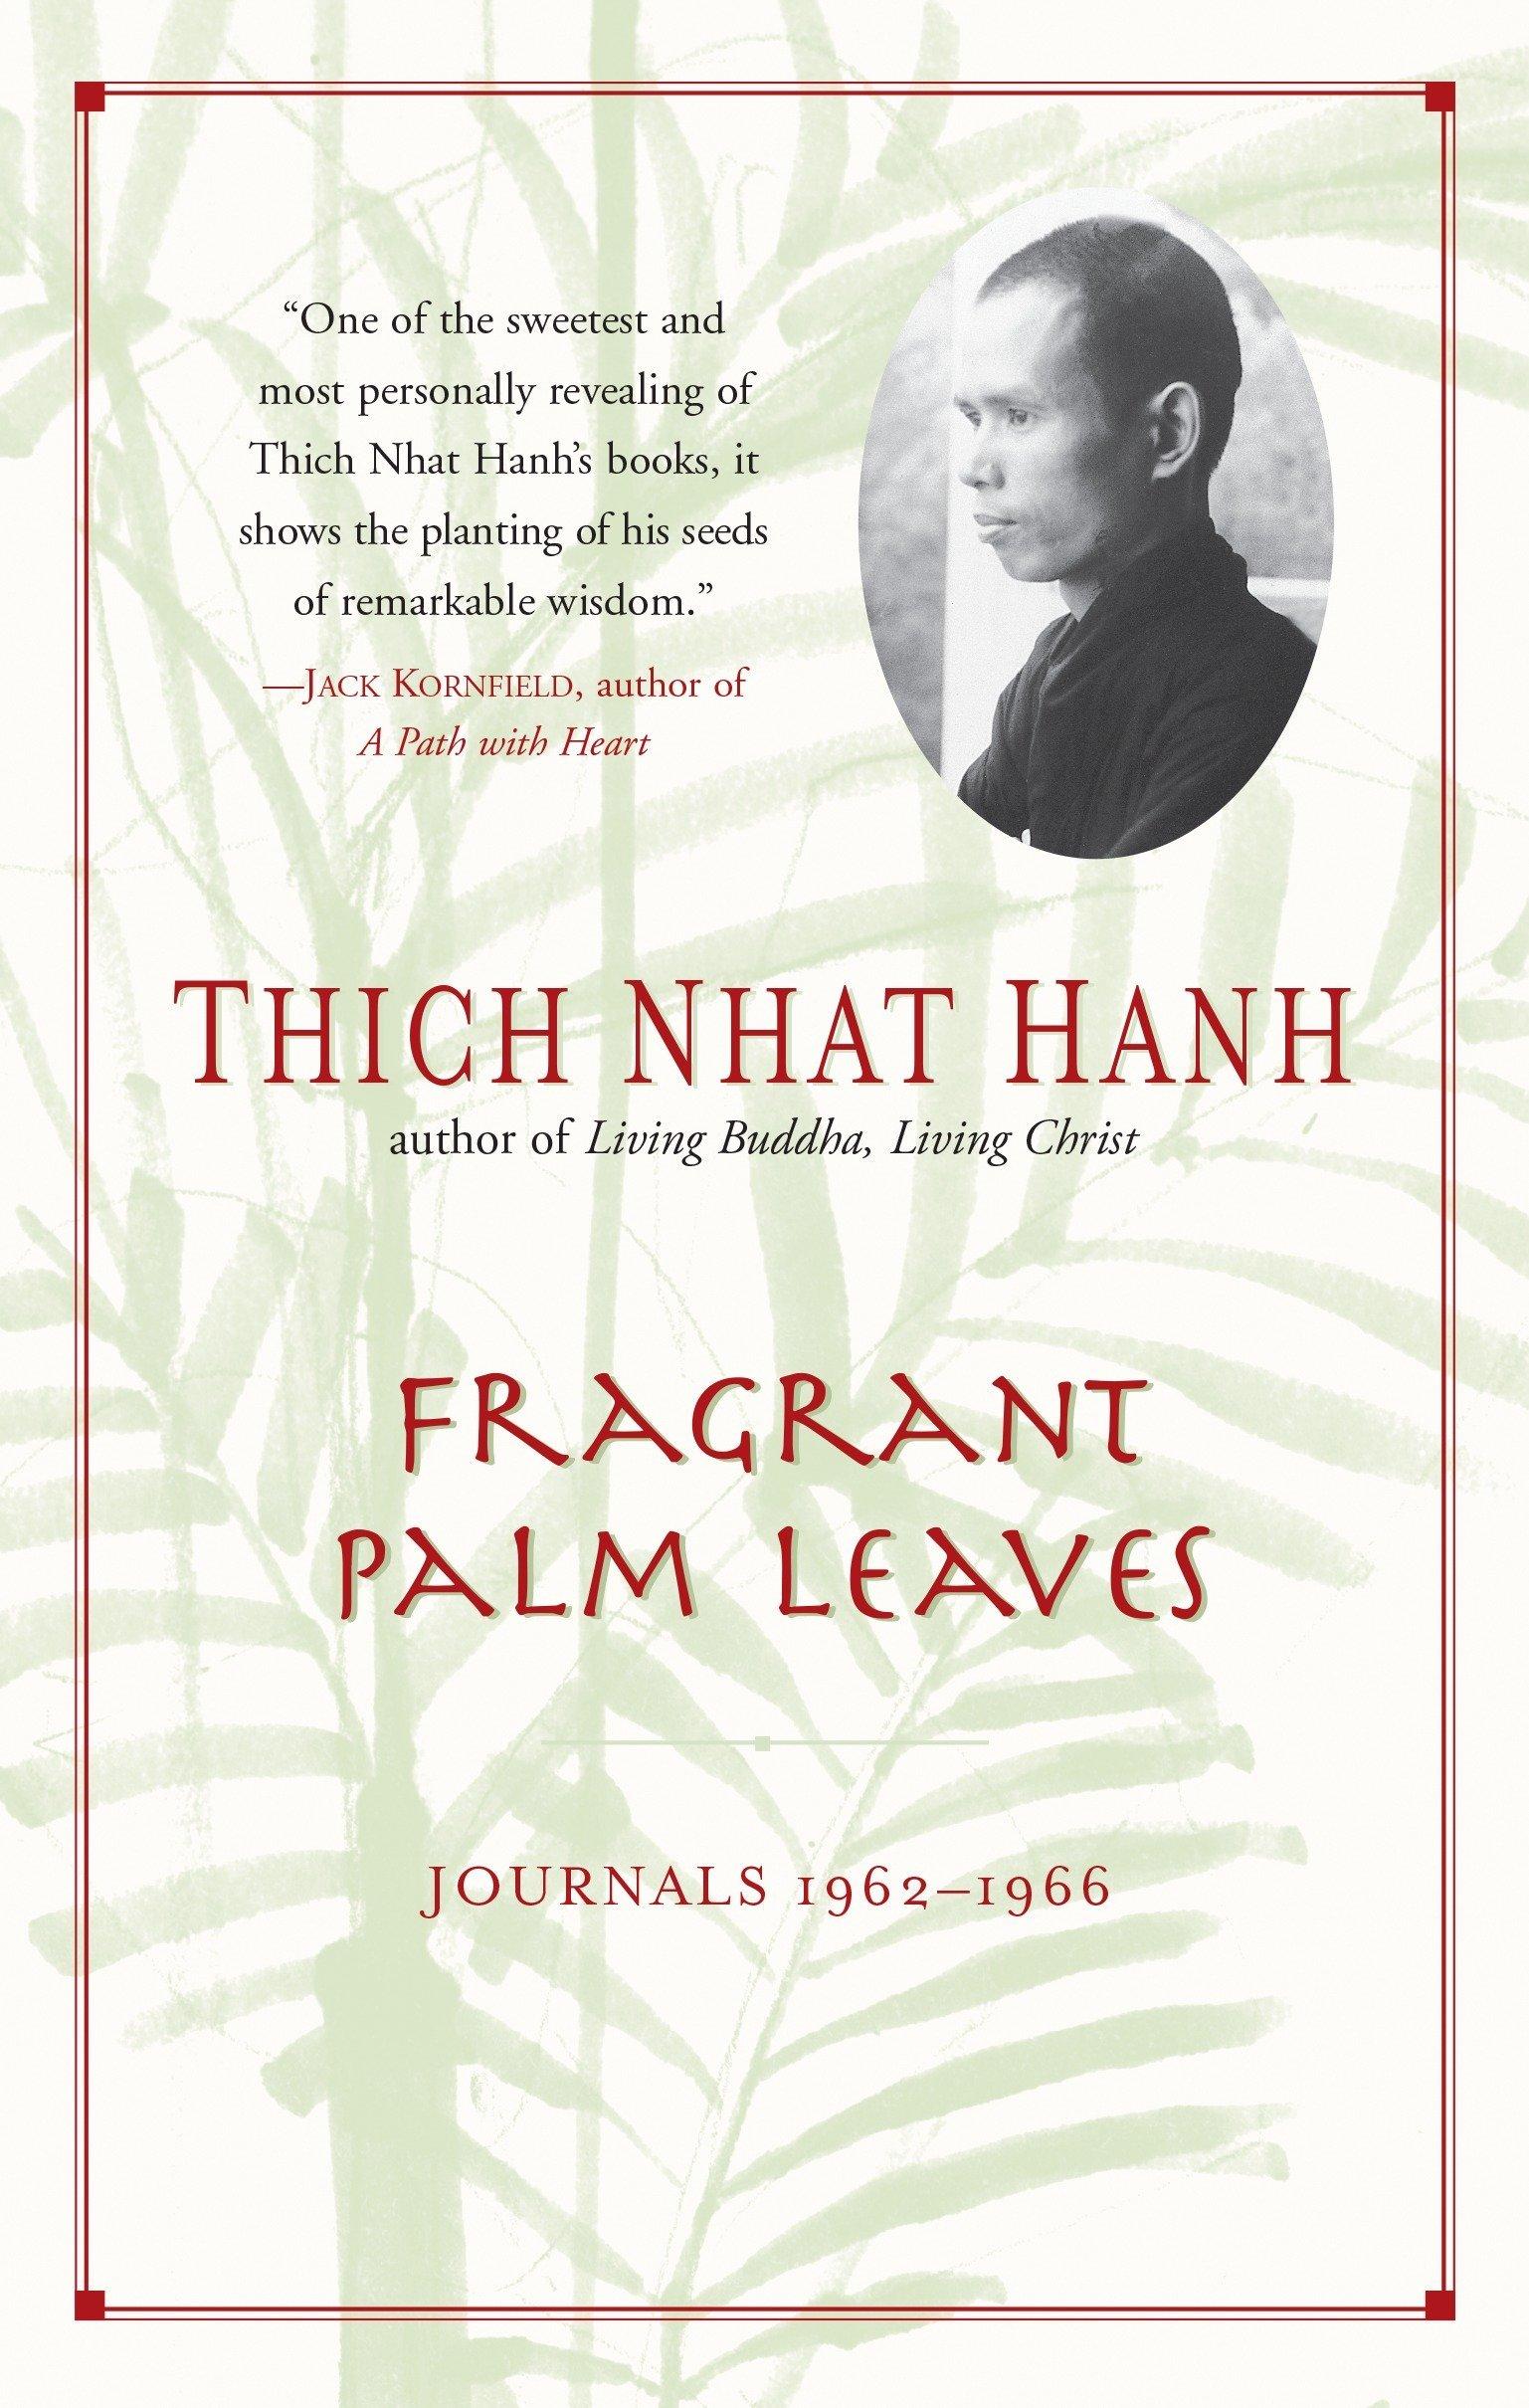 Fragrant Palm Leaves.jpg